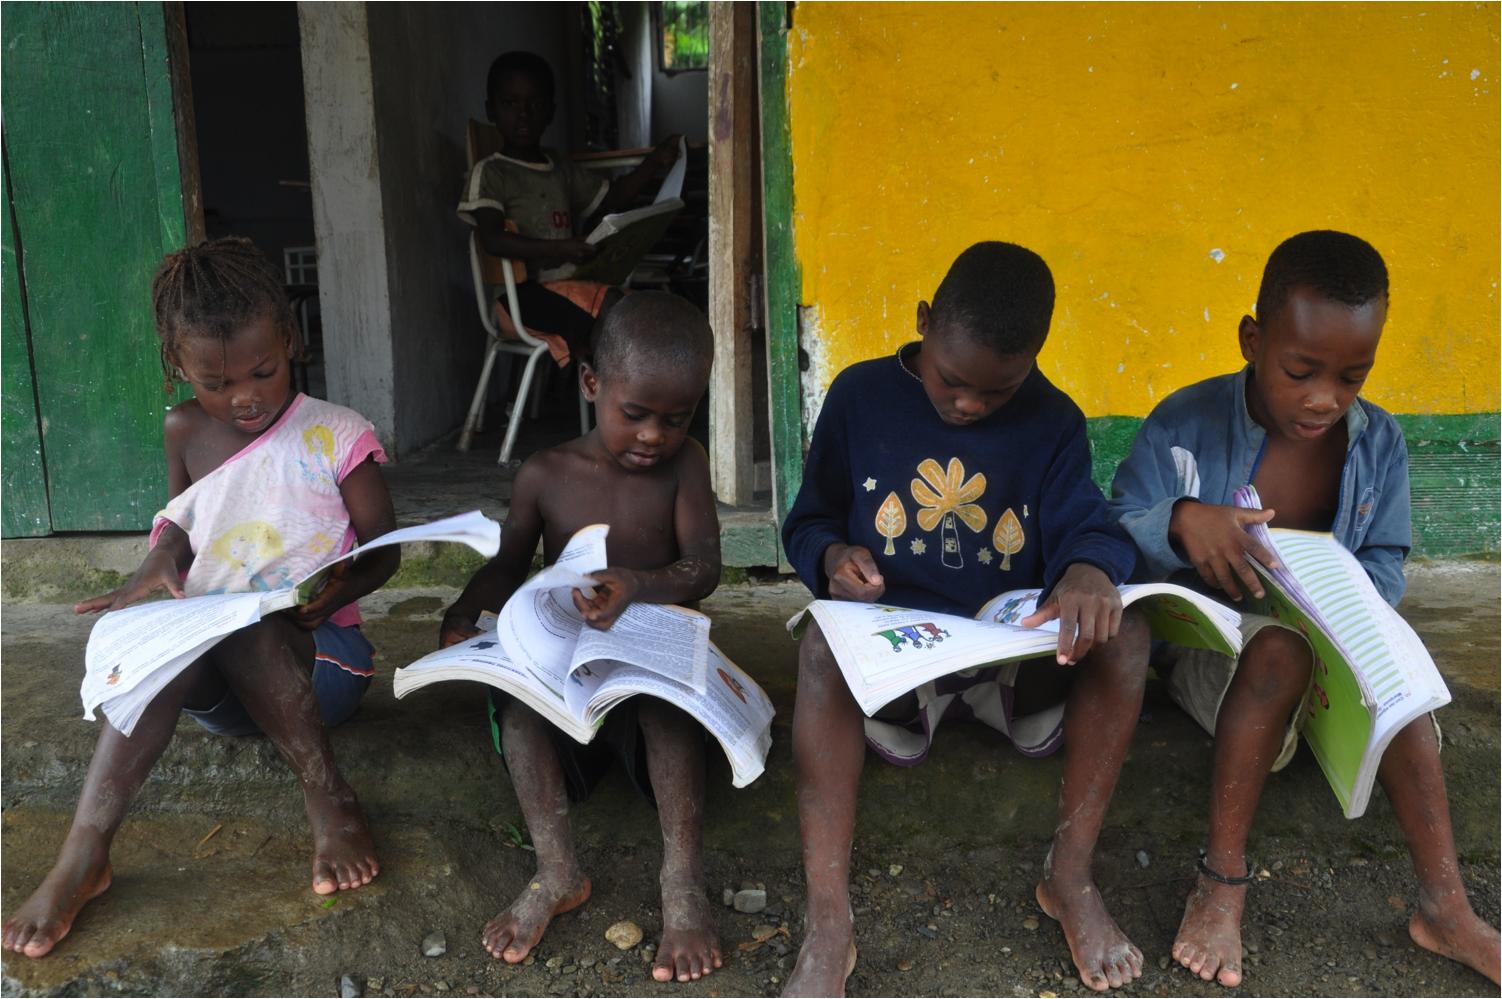 Beneficiarios del programa recibieron educación en derechos y acceso a servicios estatales para garantizar su dignidad y protección